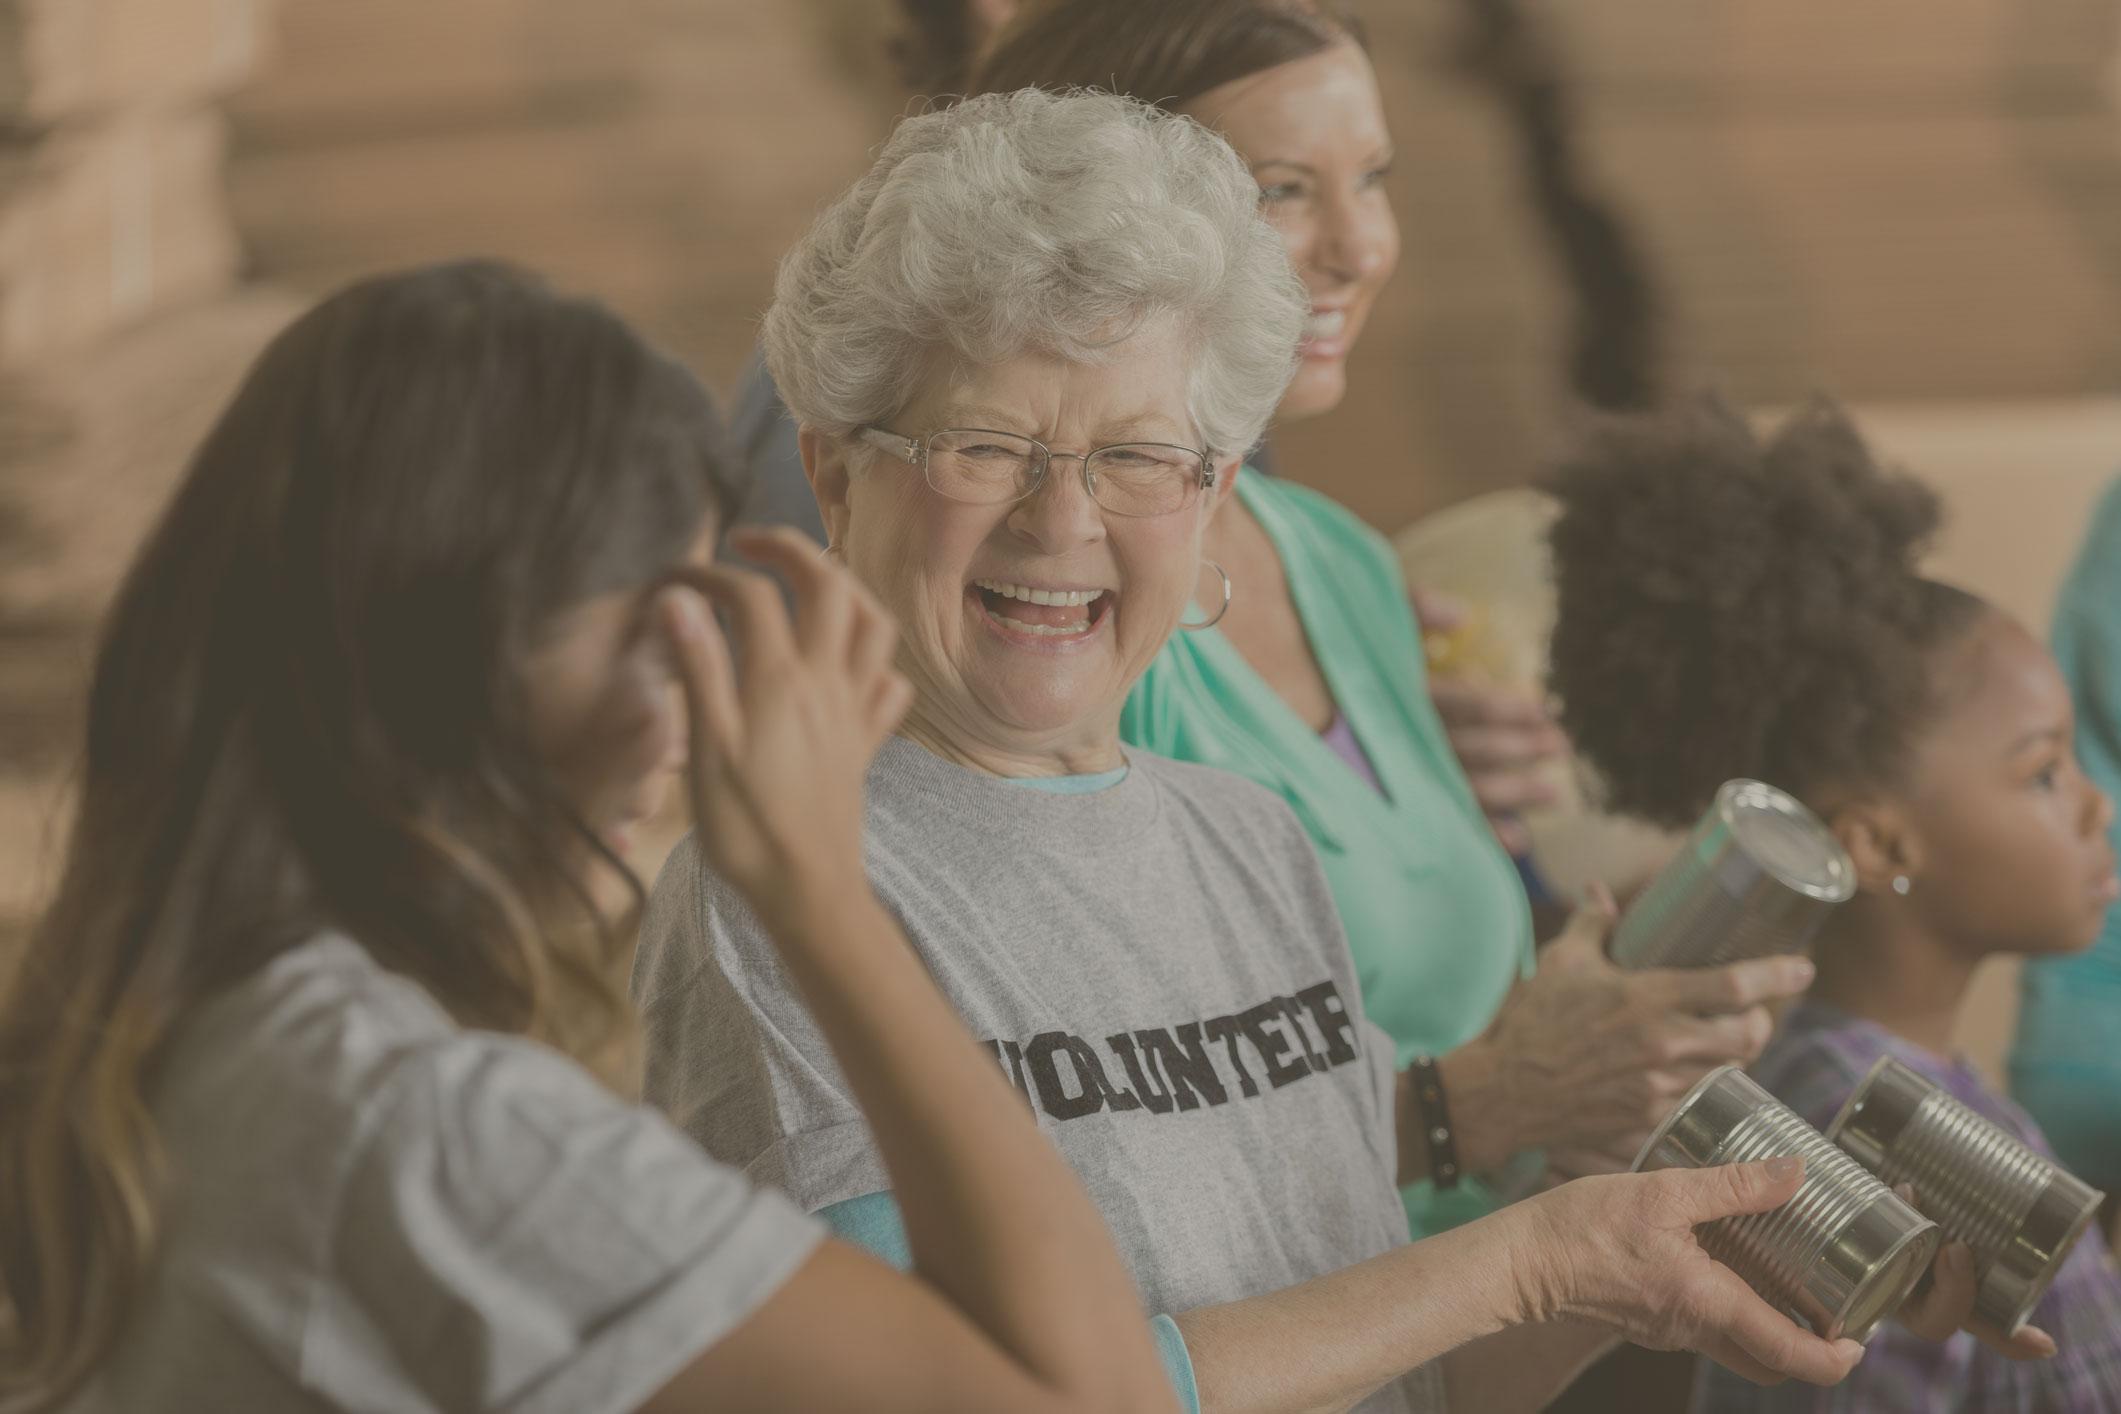 Hunger Foundation Volunteering